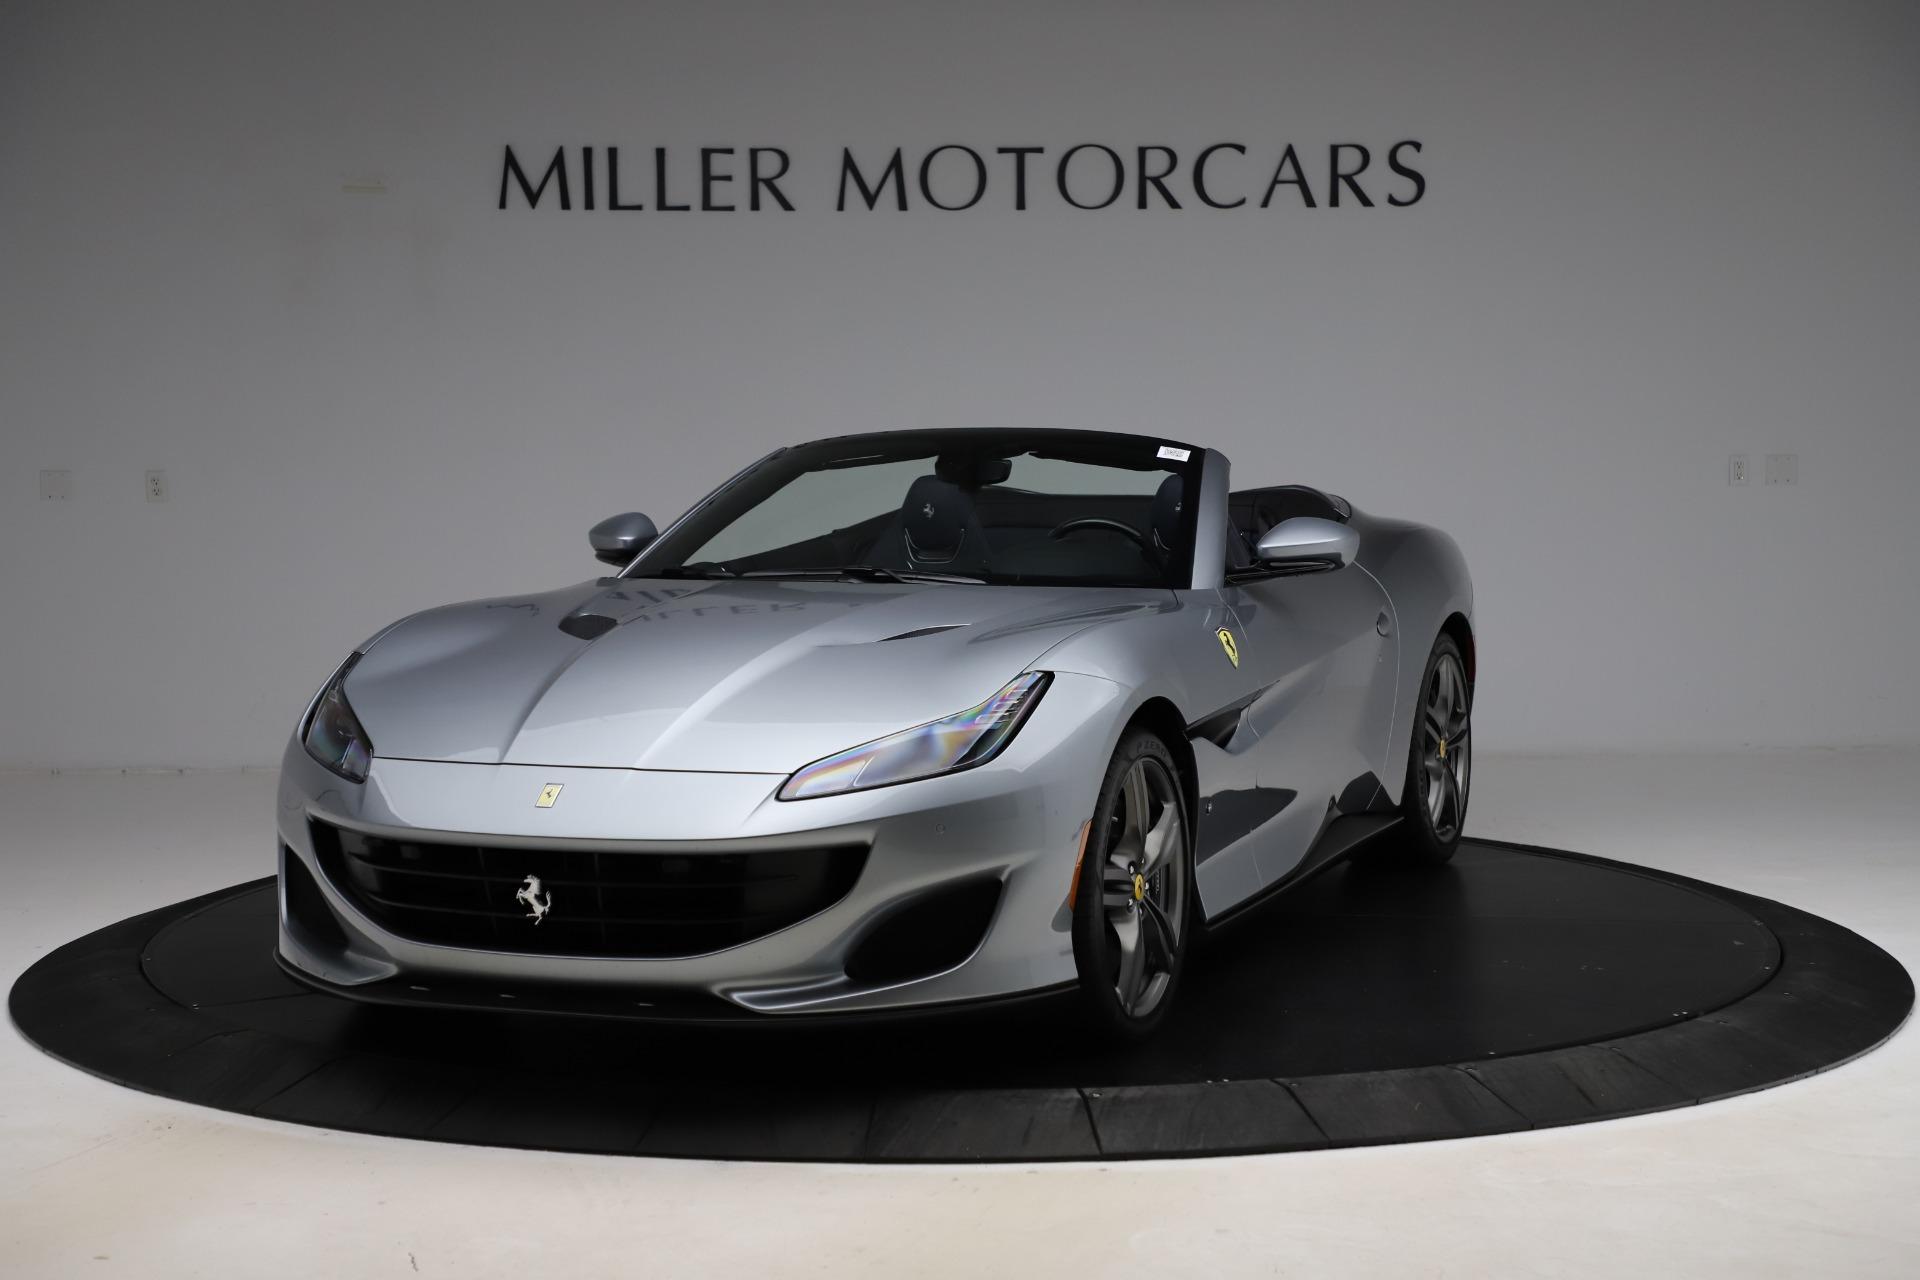 Used 2019 Ferrari Portofino for sale $229,900 at Aston Martin of Greenwich in Greenwich CT 06830 1